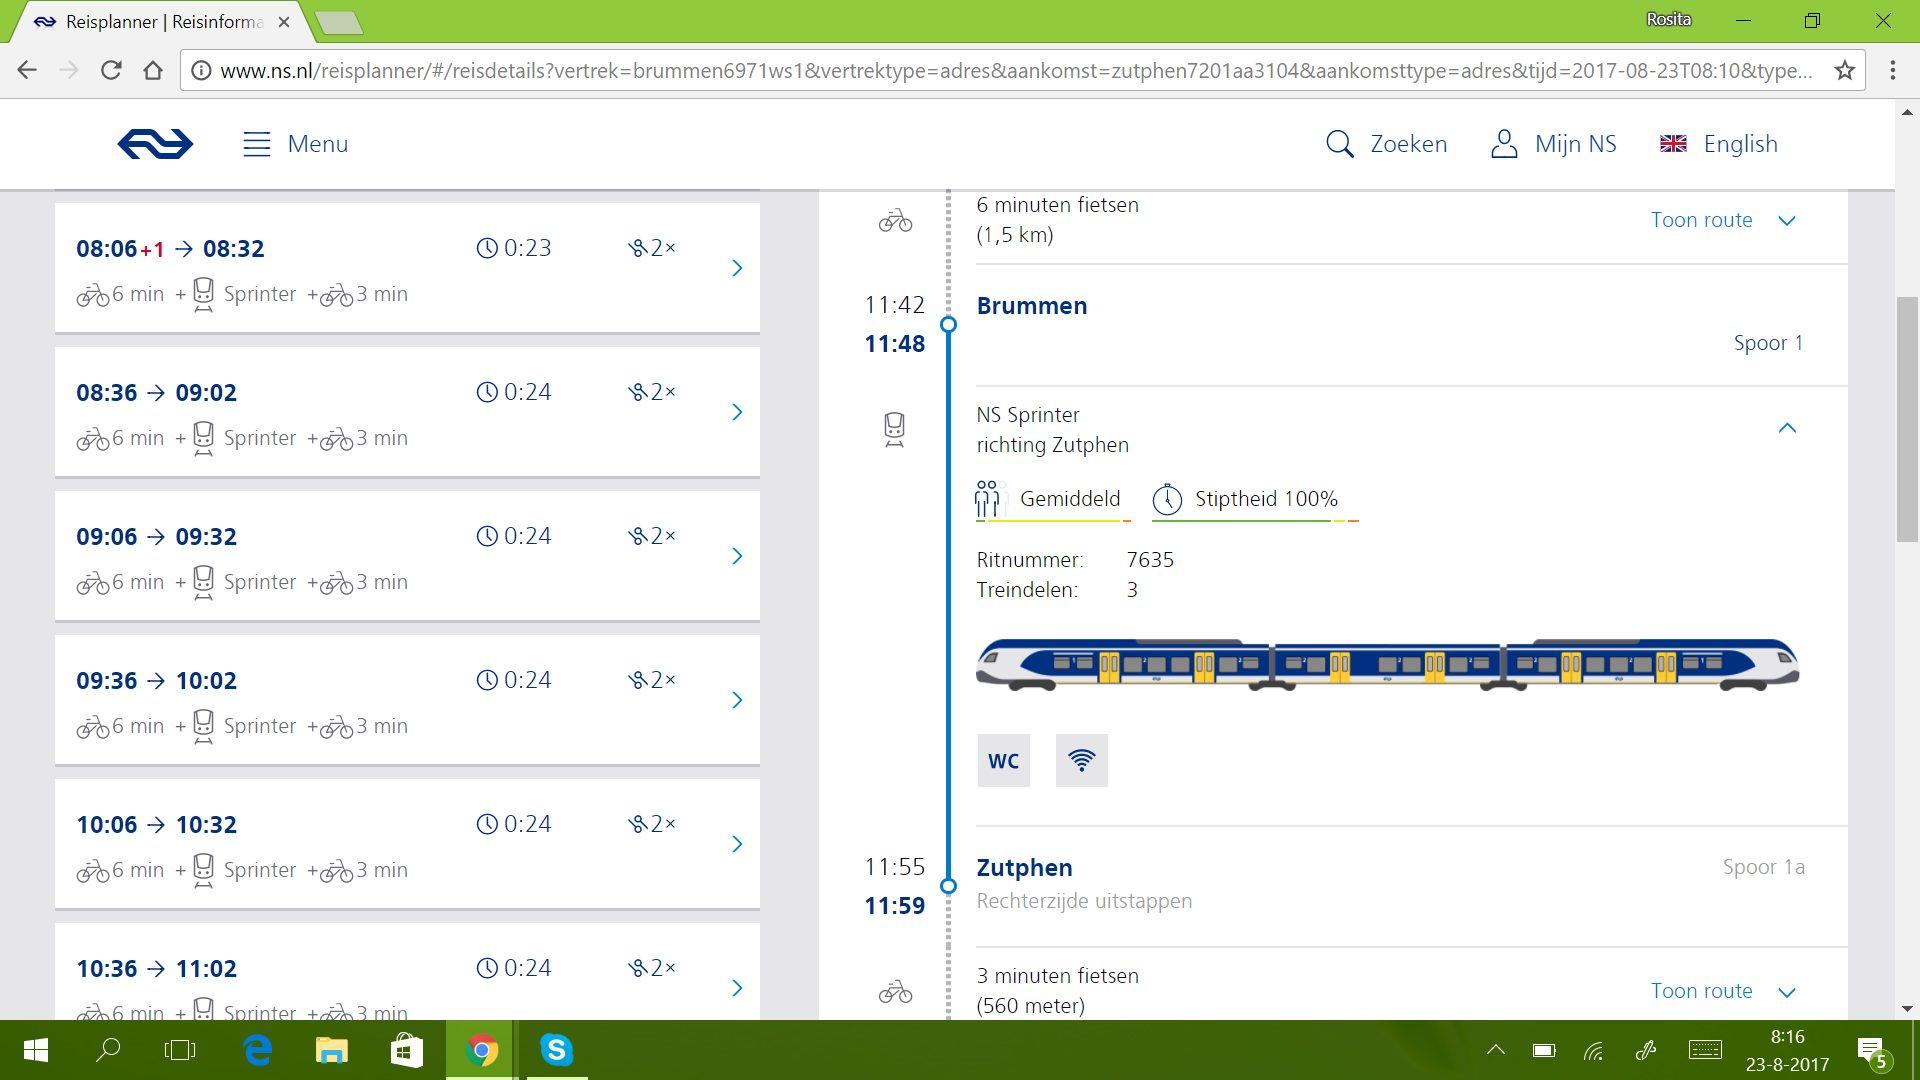 mijn geplande treinreis